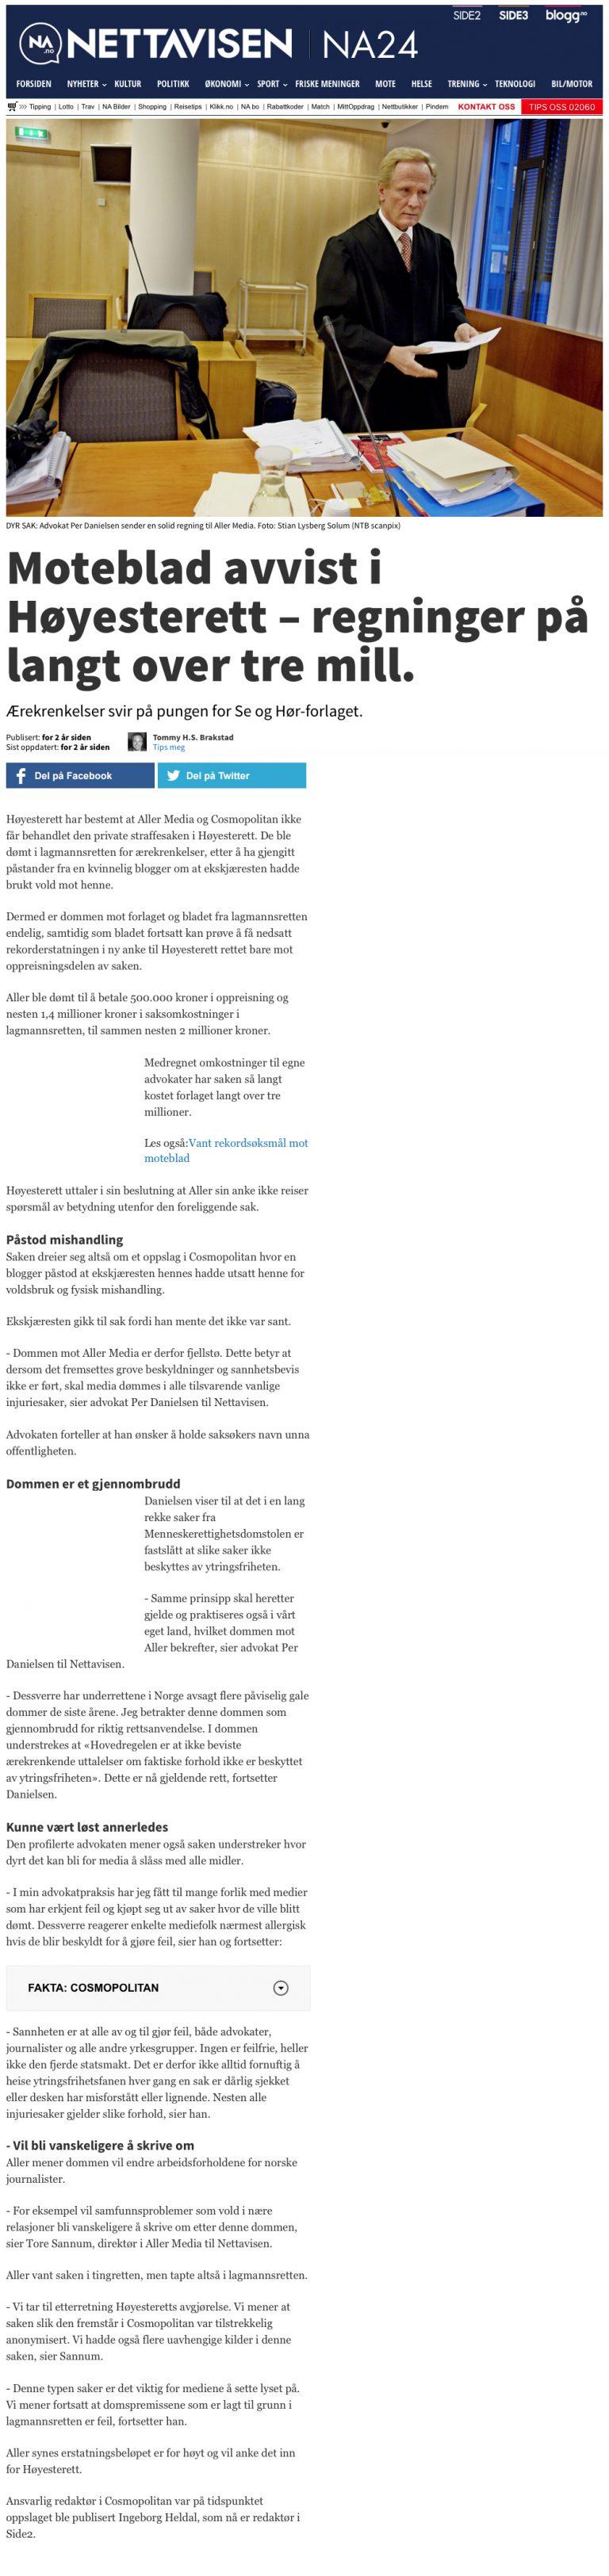 Ærekrenkelse Aller Forlag avvist i Høyesterett. Advokat Danielsen & Co. Per Danielsen. Advokat i Oslo.